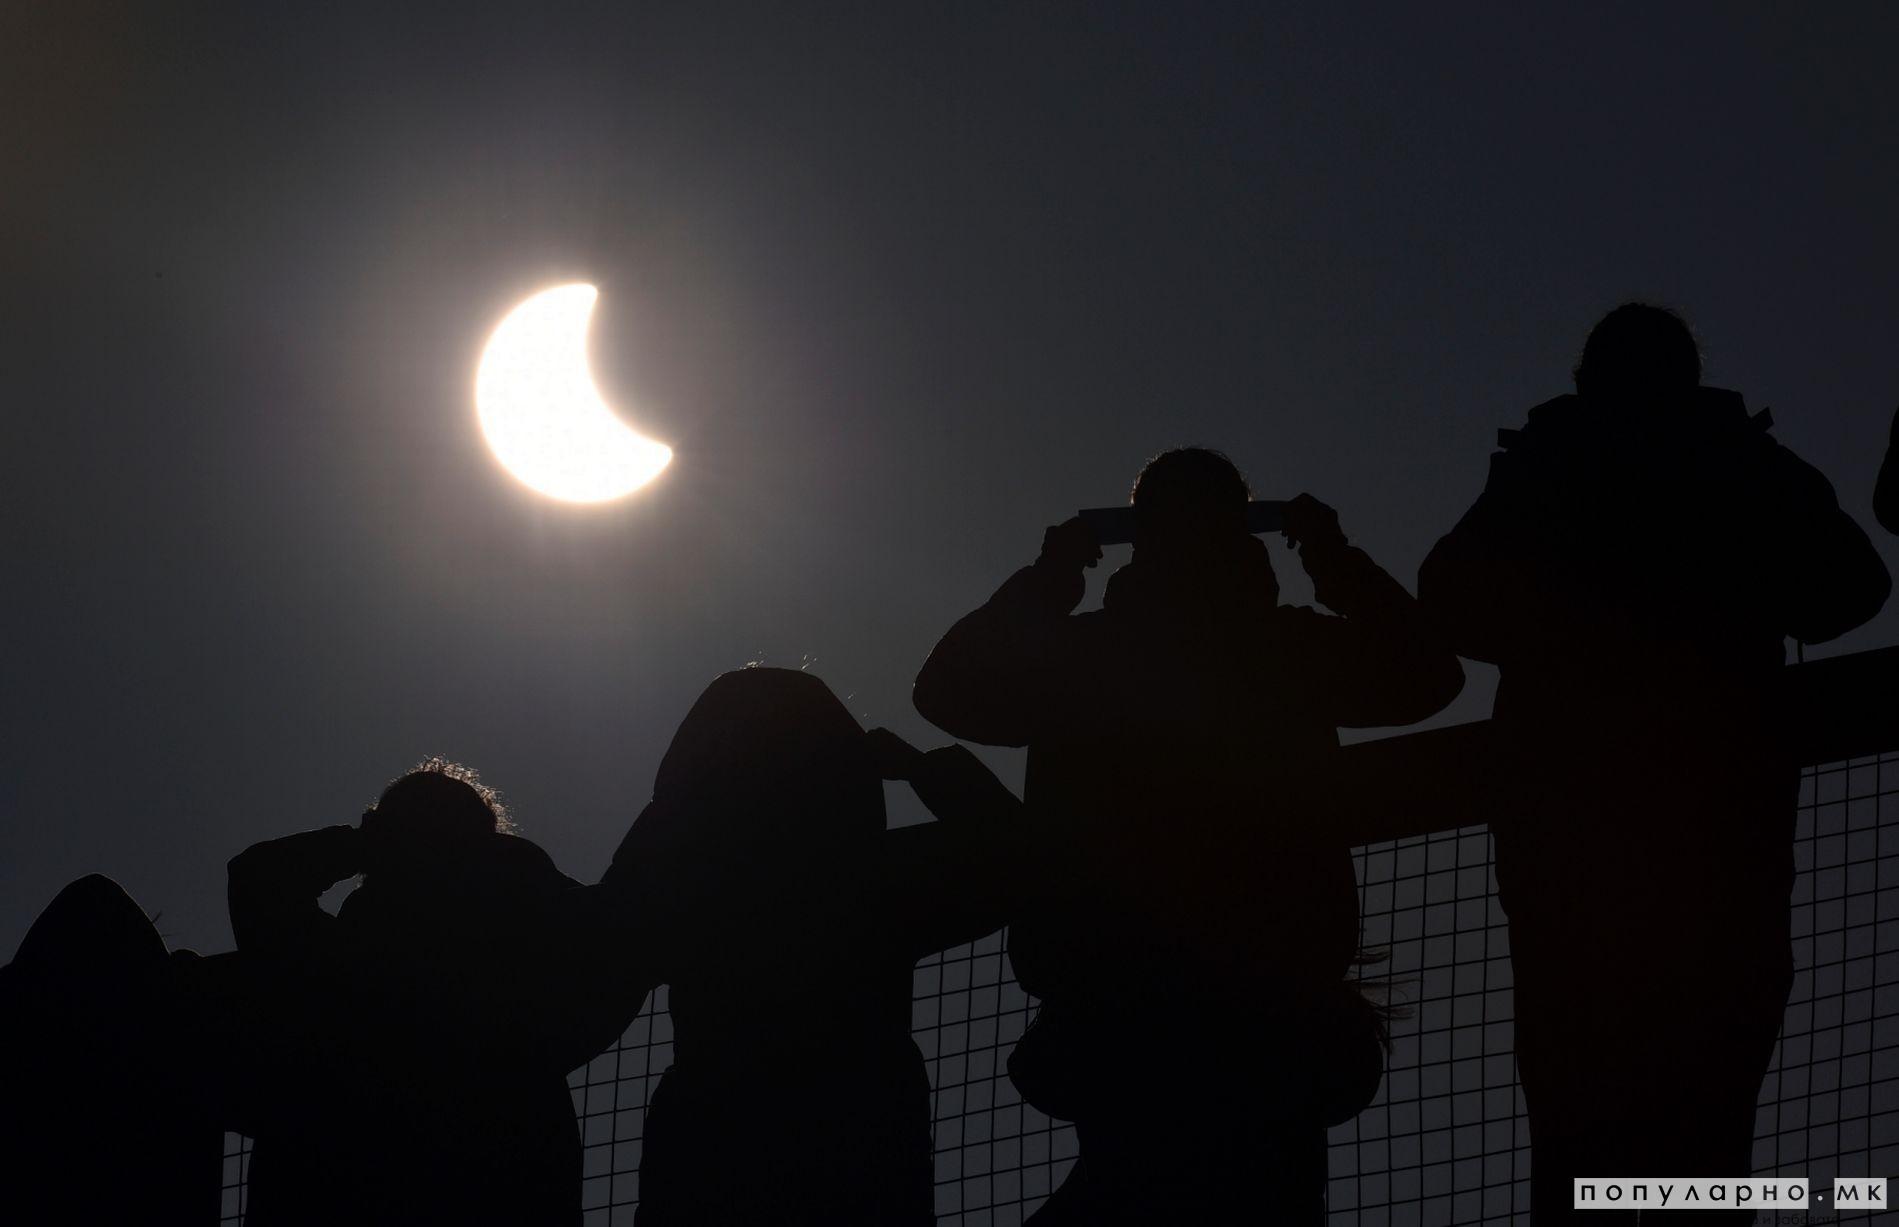 Гледајте во живо: Денешното затемнување на Сонцето последно од овој тип во наредните 10 години